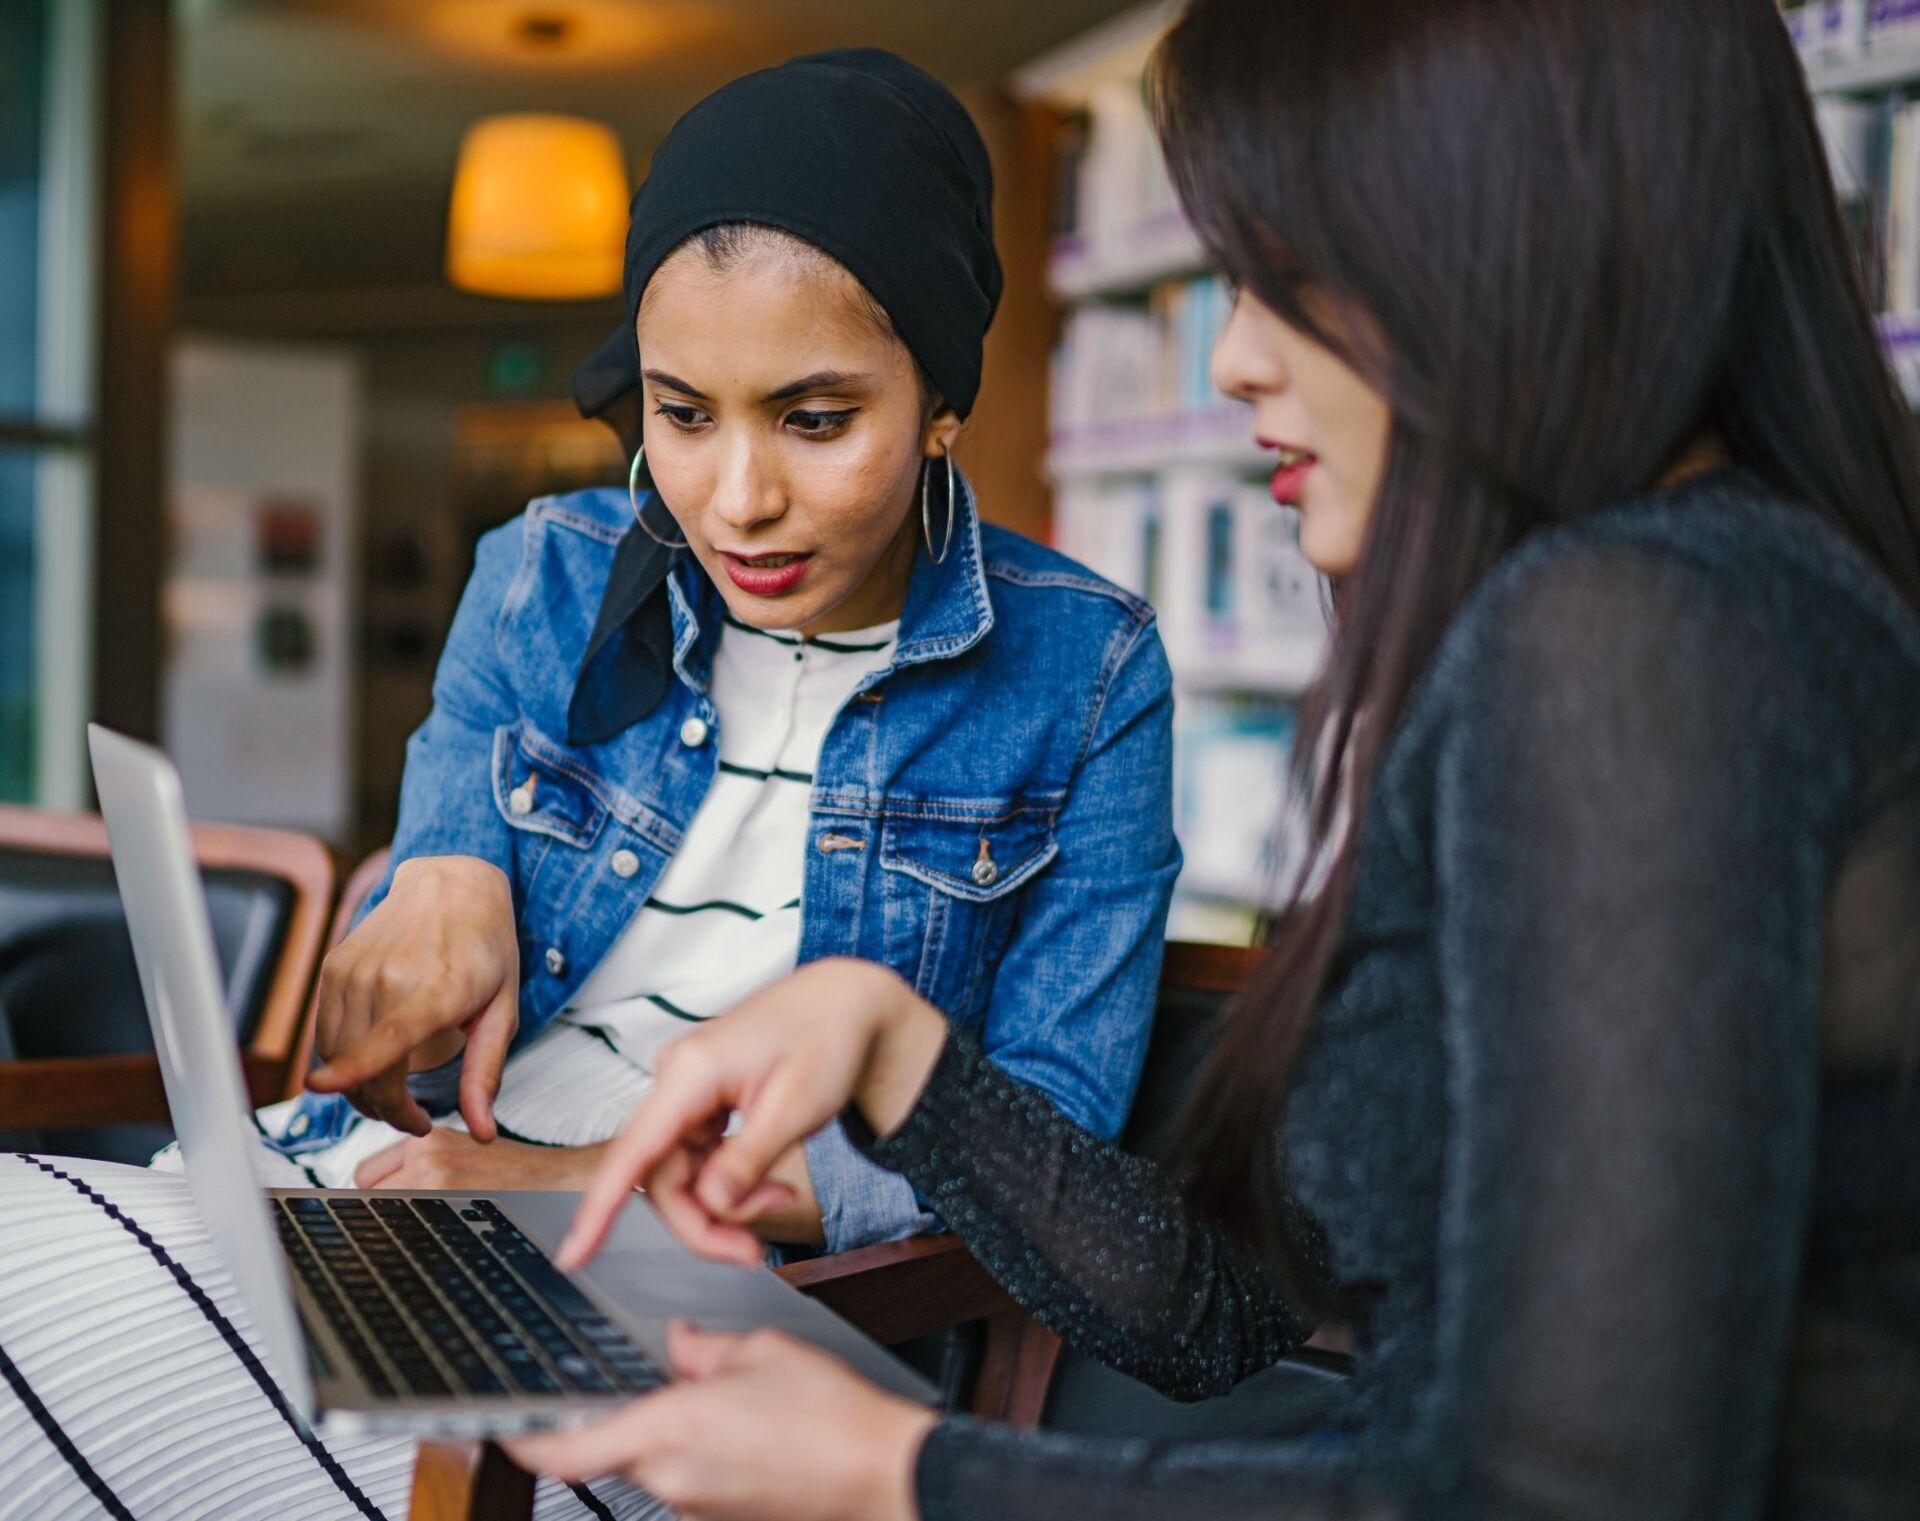 2 vrouwen kijken naar een laptop